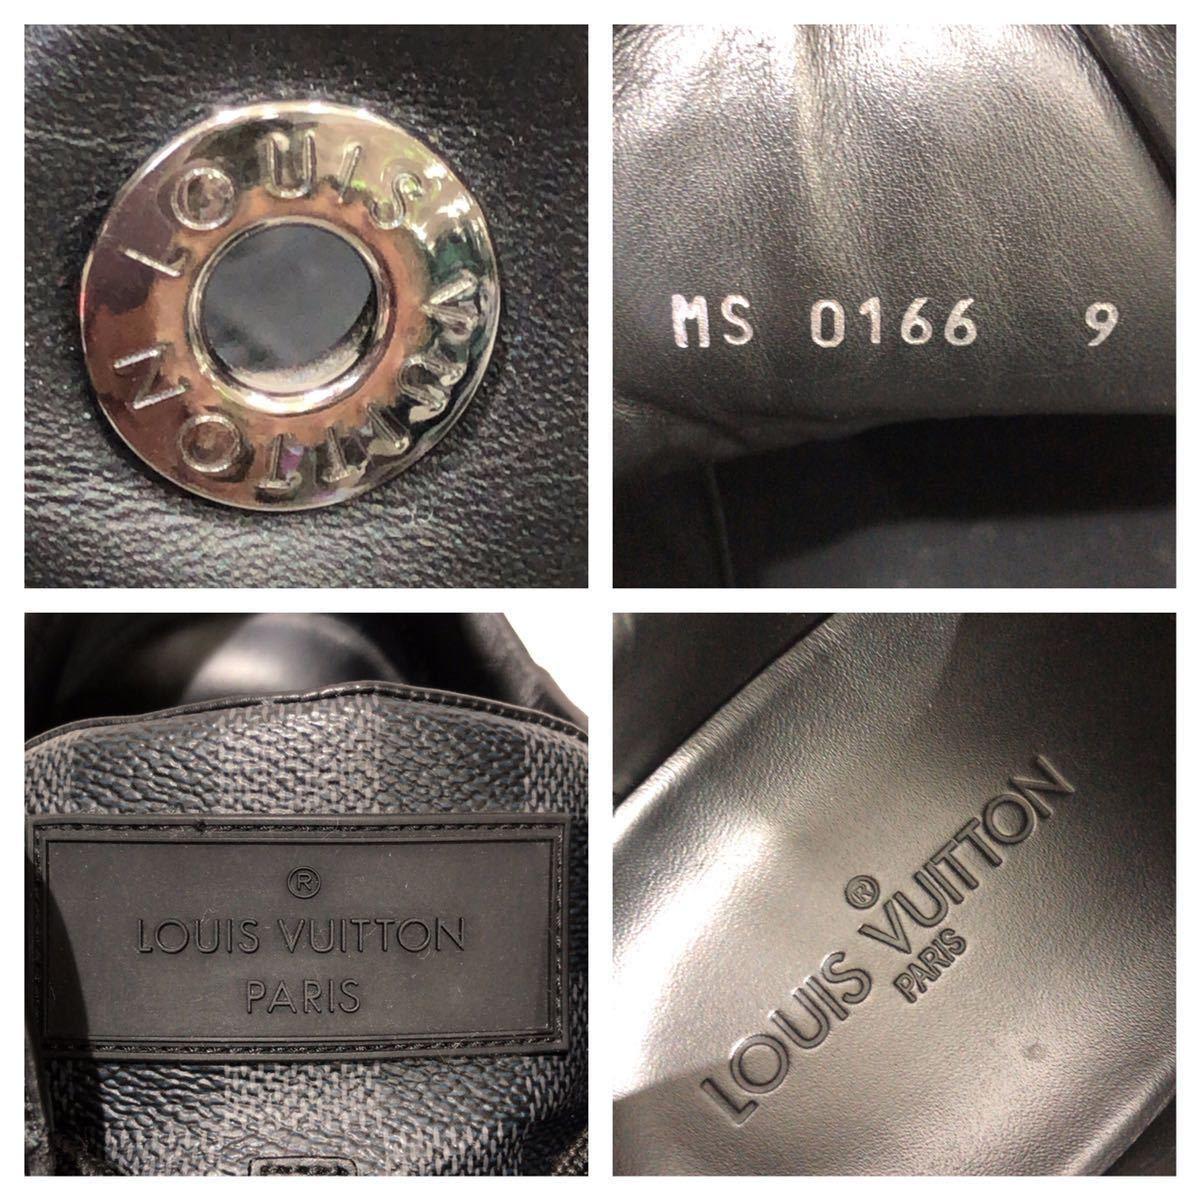 【LOUIS VUITTON】ローカットスニーカー ルイヴィトン ラインアップ ライン ダミエグラフィット レザー 靴 ブラック 黒 9 ts202109_画像6